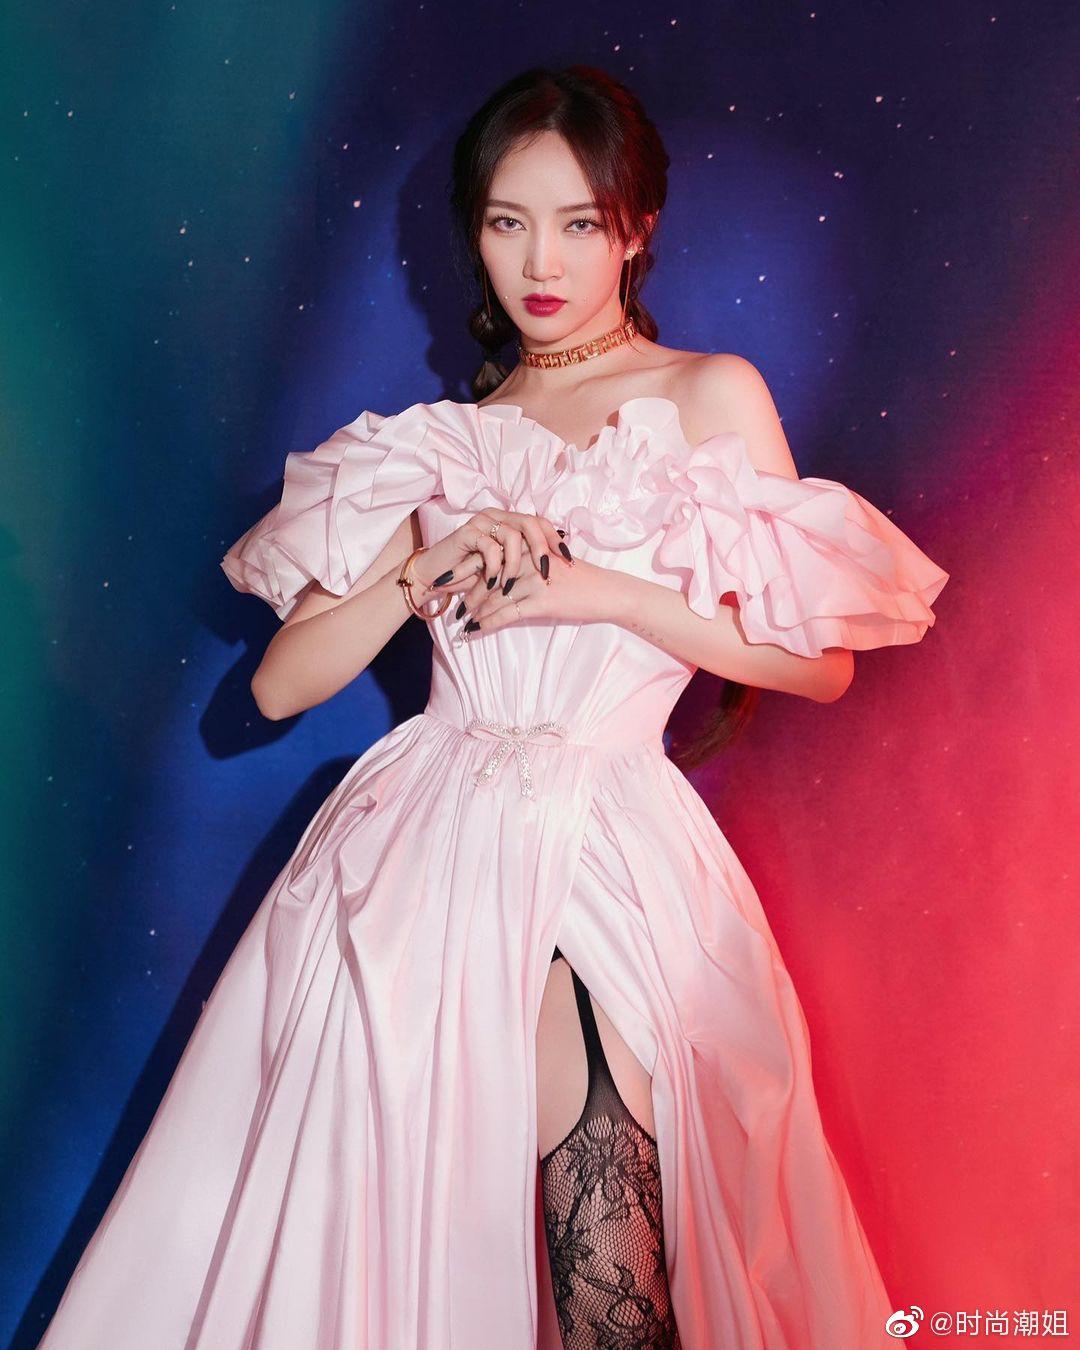 孟佳写真图片,甜甜美粉色蓬蓬裙和黑色性感蕾丝,简直是人间水蜜桃!